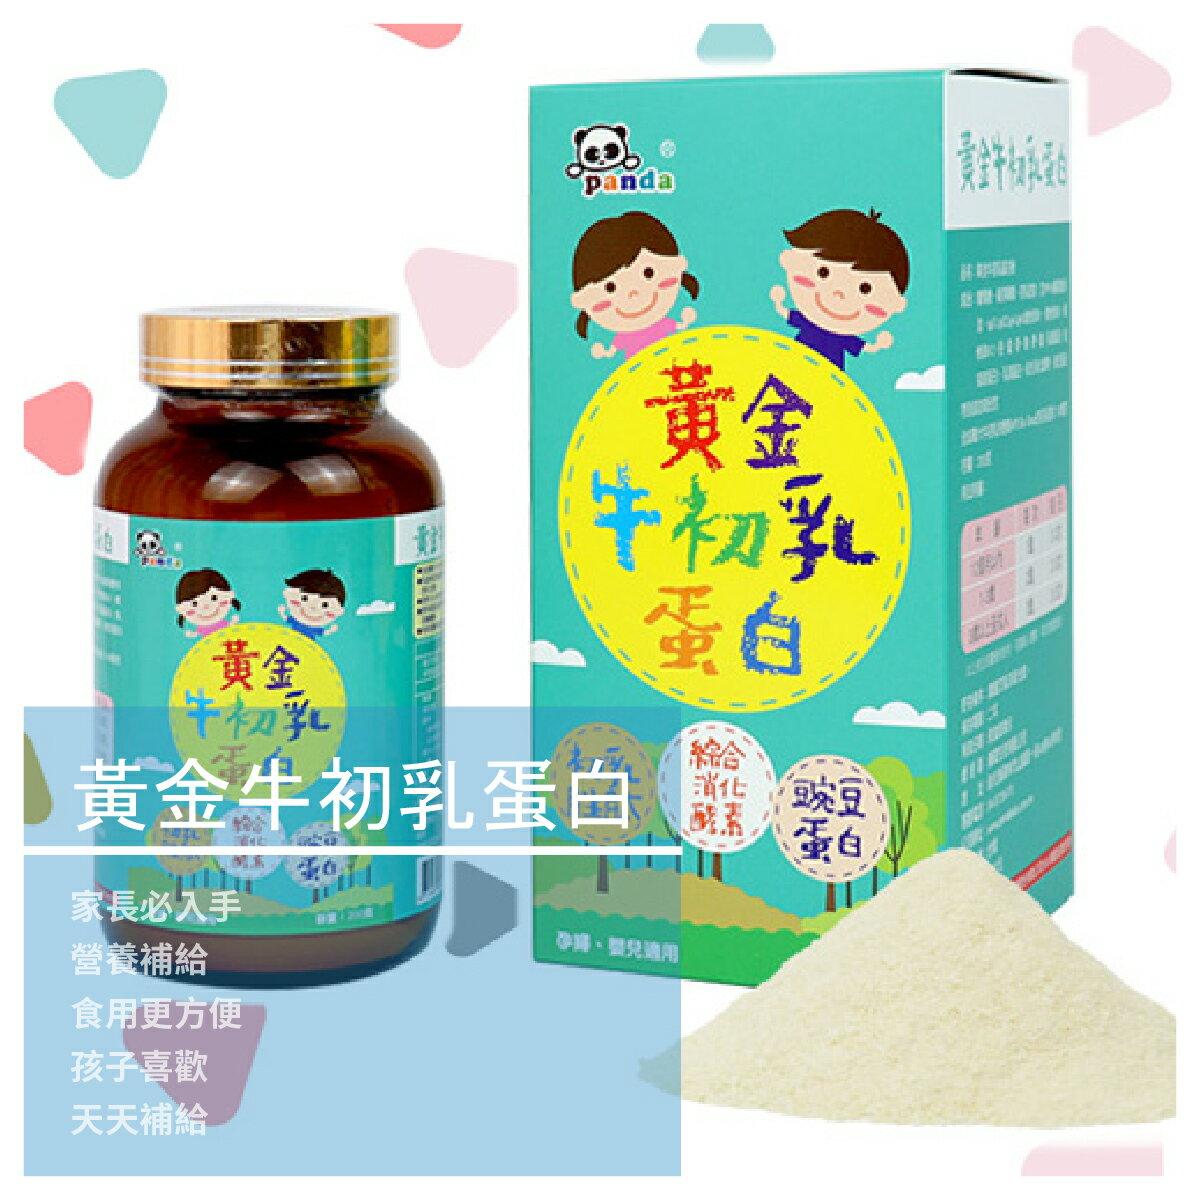 【碧綠谷藥局】鑫耀Panda 黃金牛初乳蛋白200g/罐 買一送一 (全系列商品可任選)